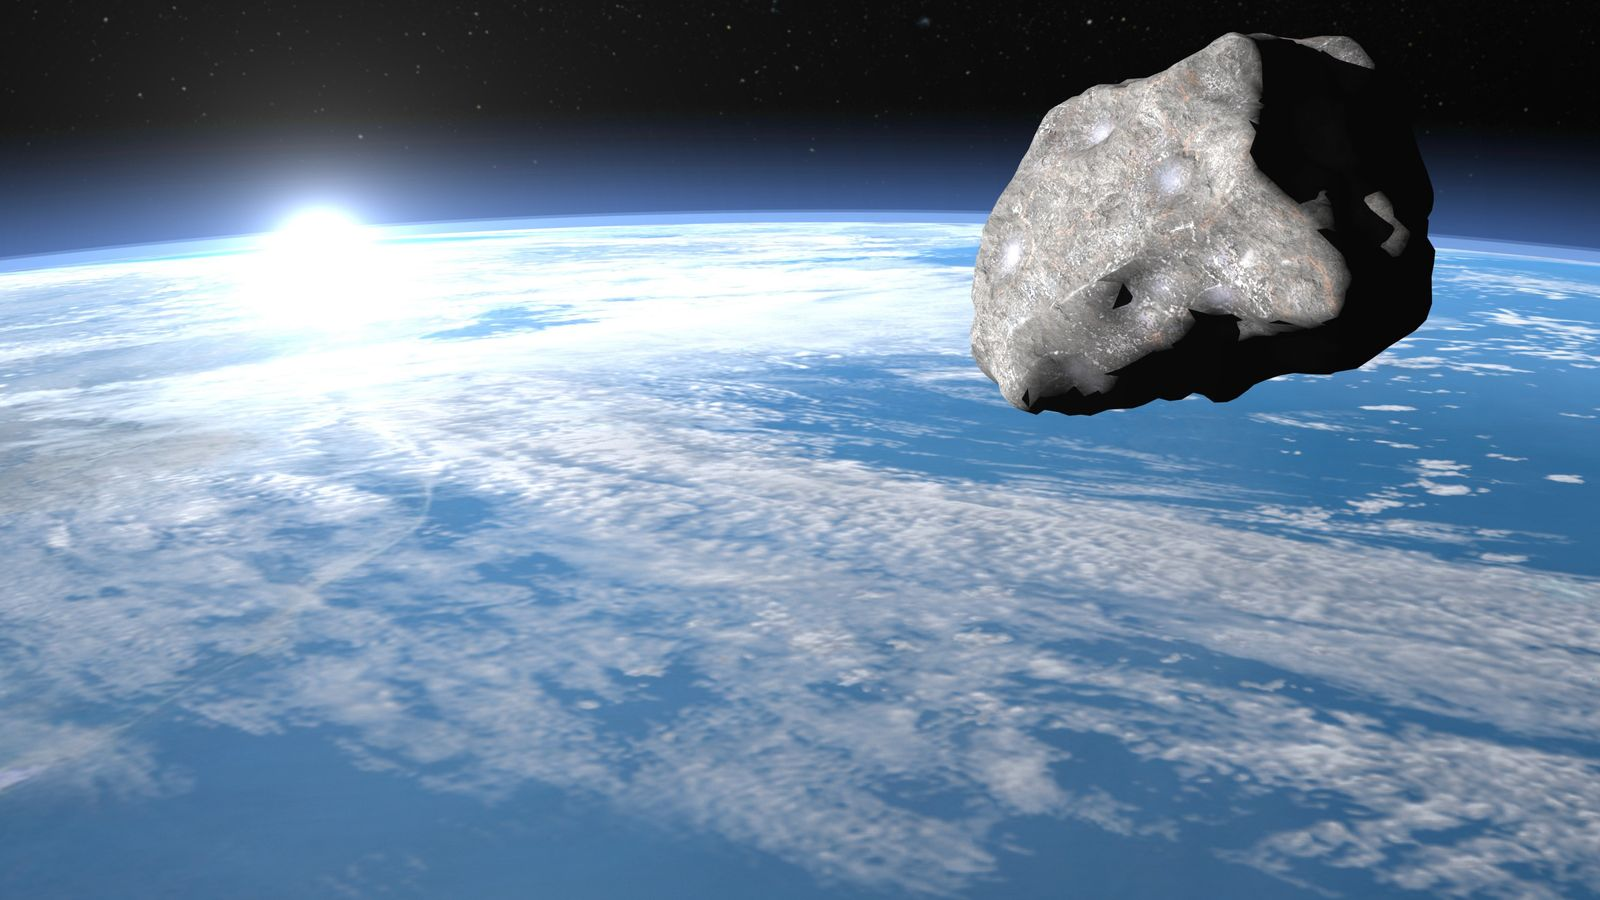 """Le corps qui s'est écrasé à Madagascar cet été serait un astéroïde de type """"chondrite L6"""" ..."""